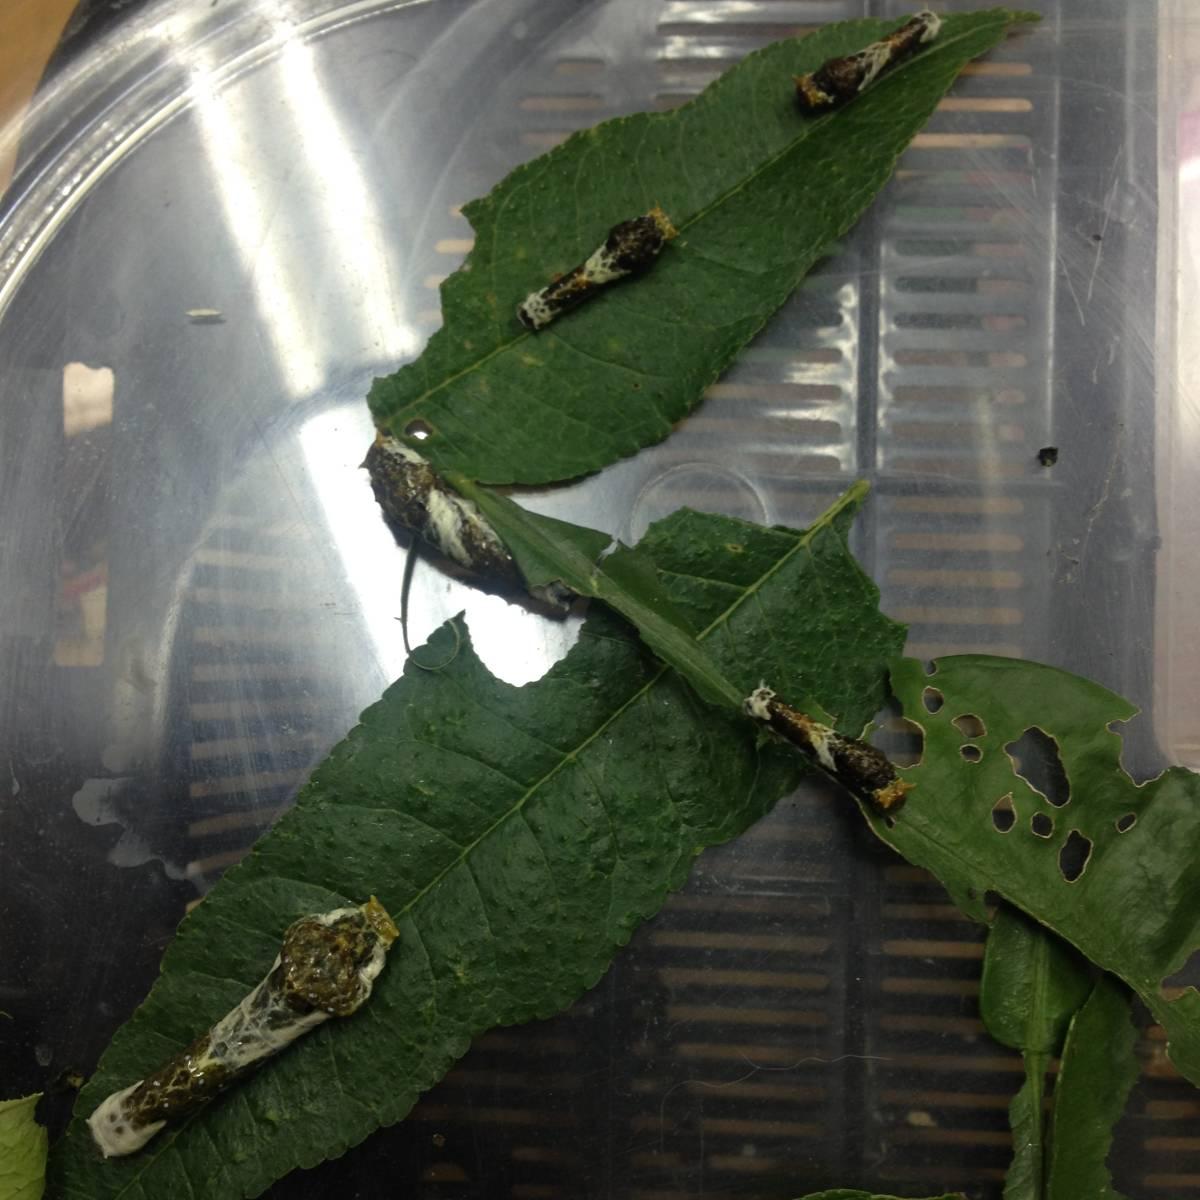 幼虫 クロアゲハ の